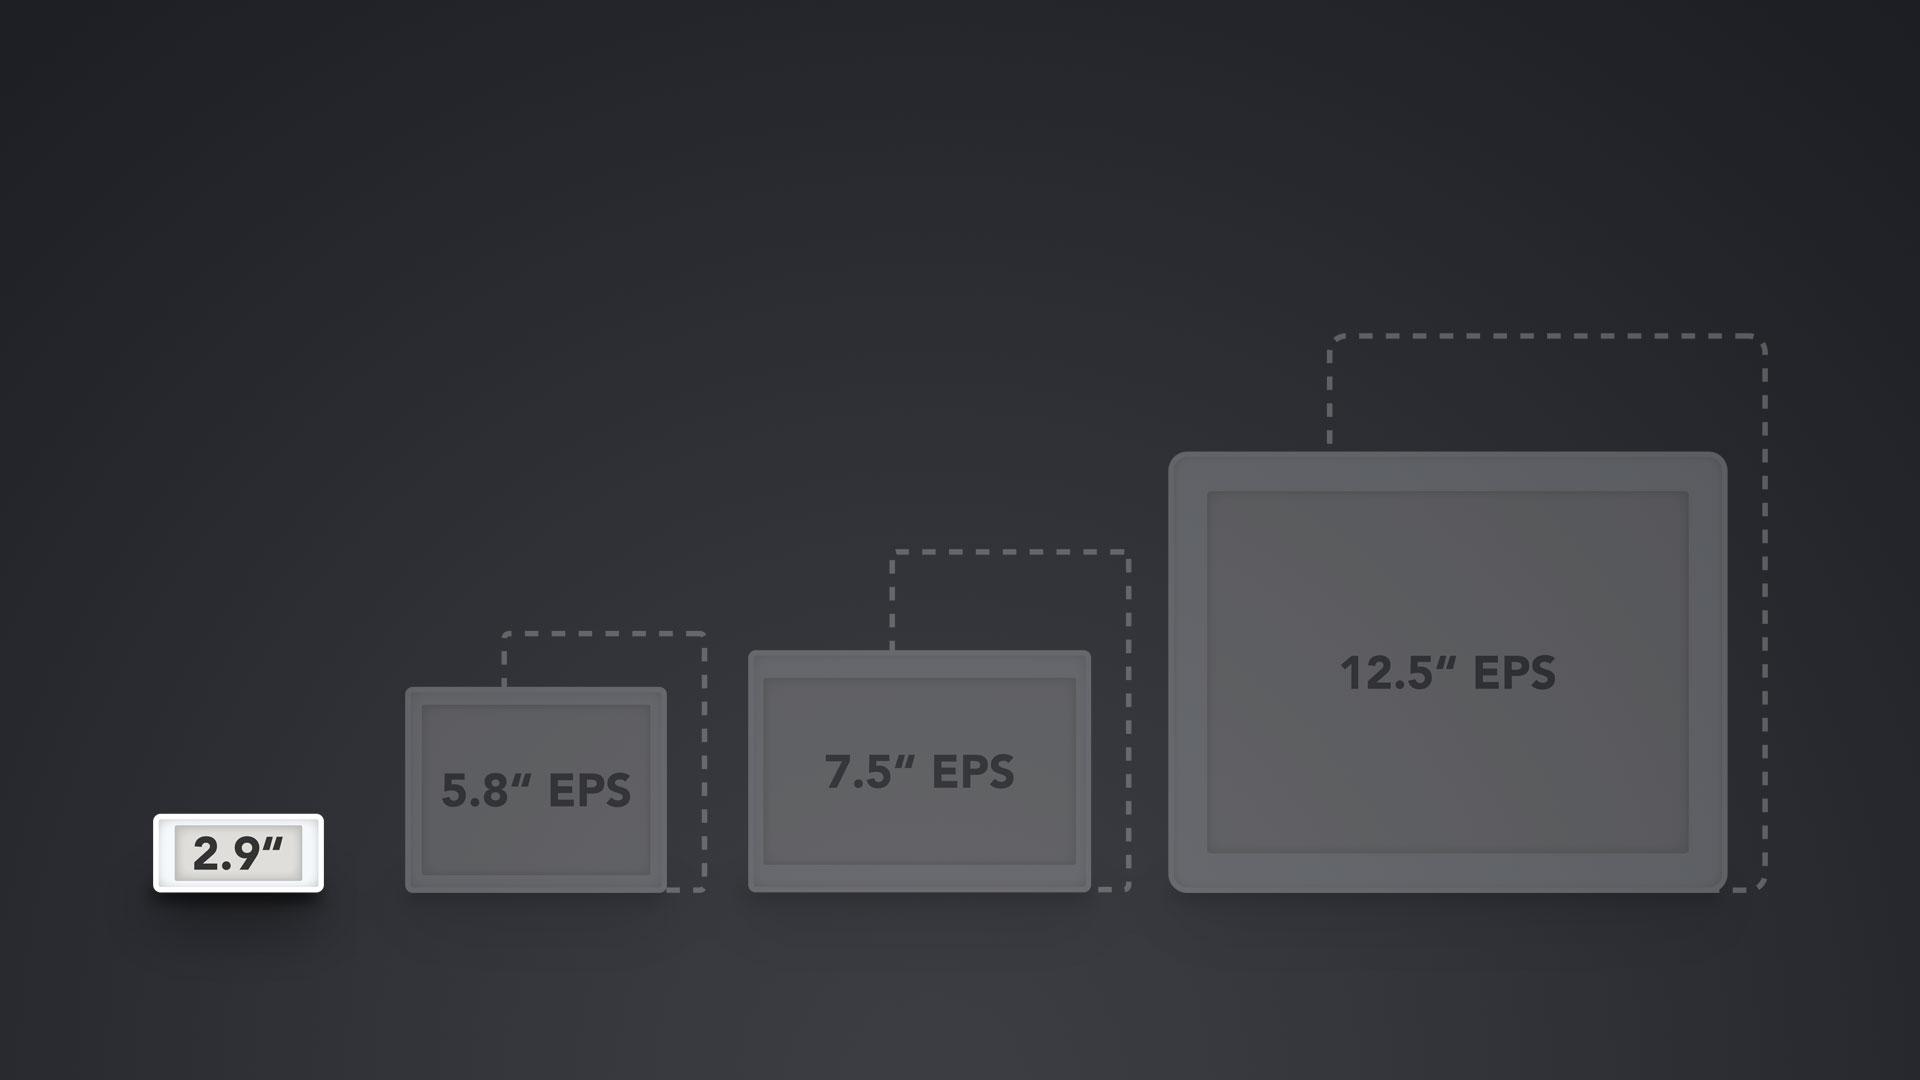 """Vergleich ESL Displays 2.9"""""""